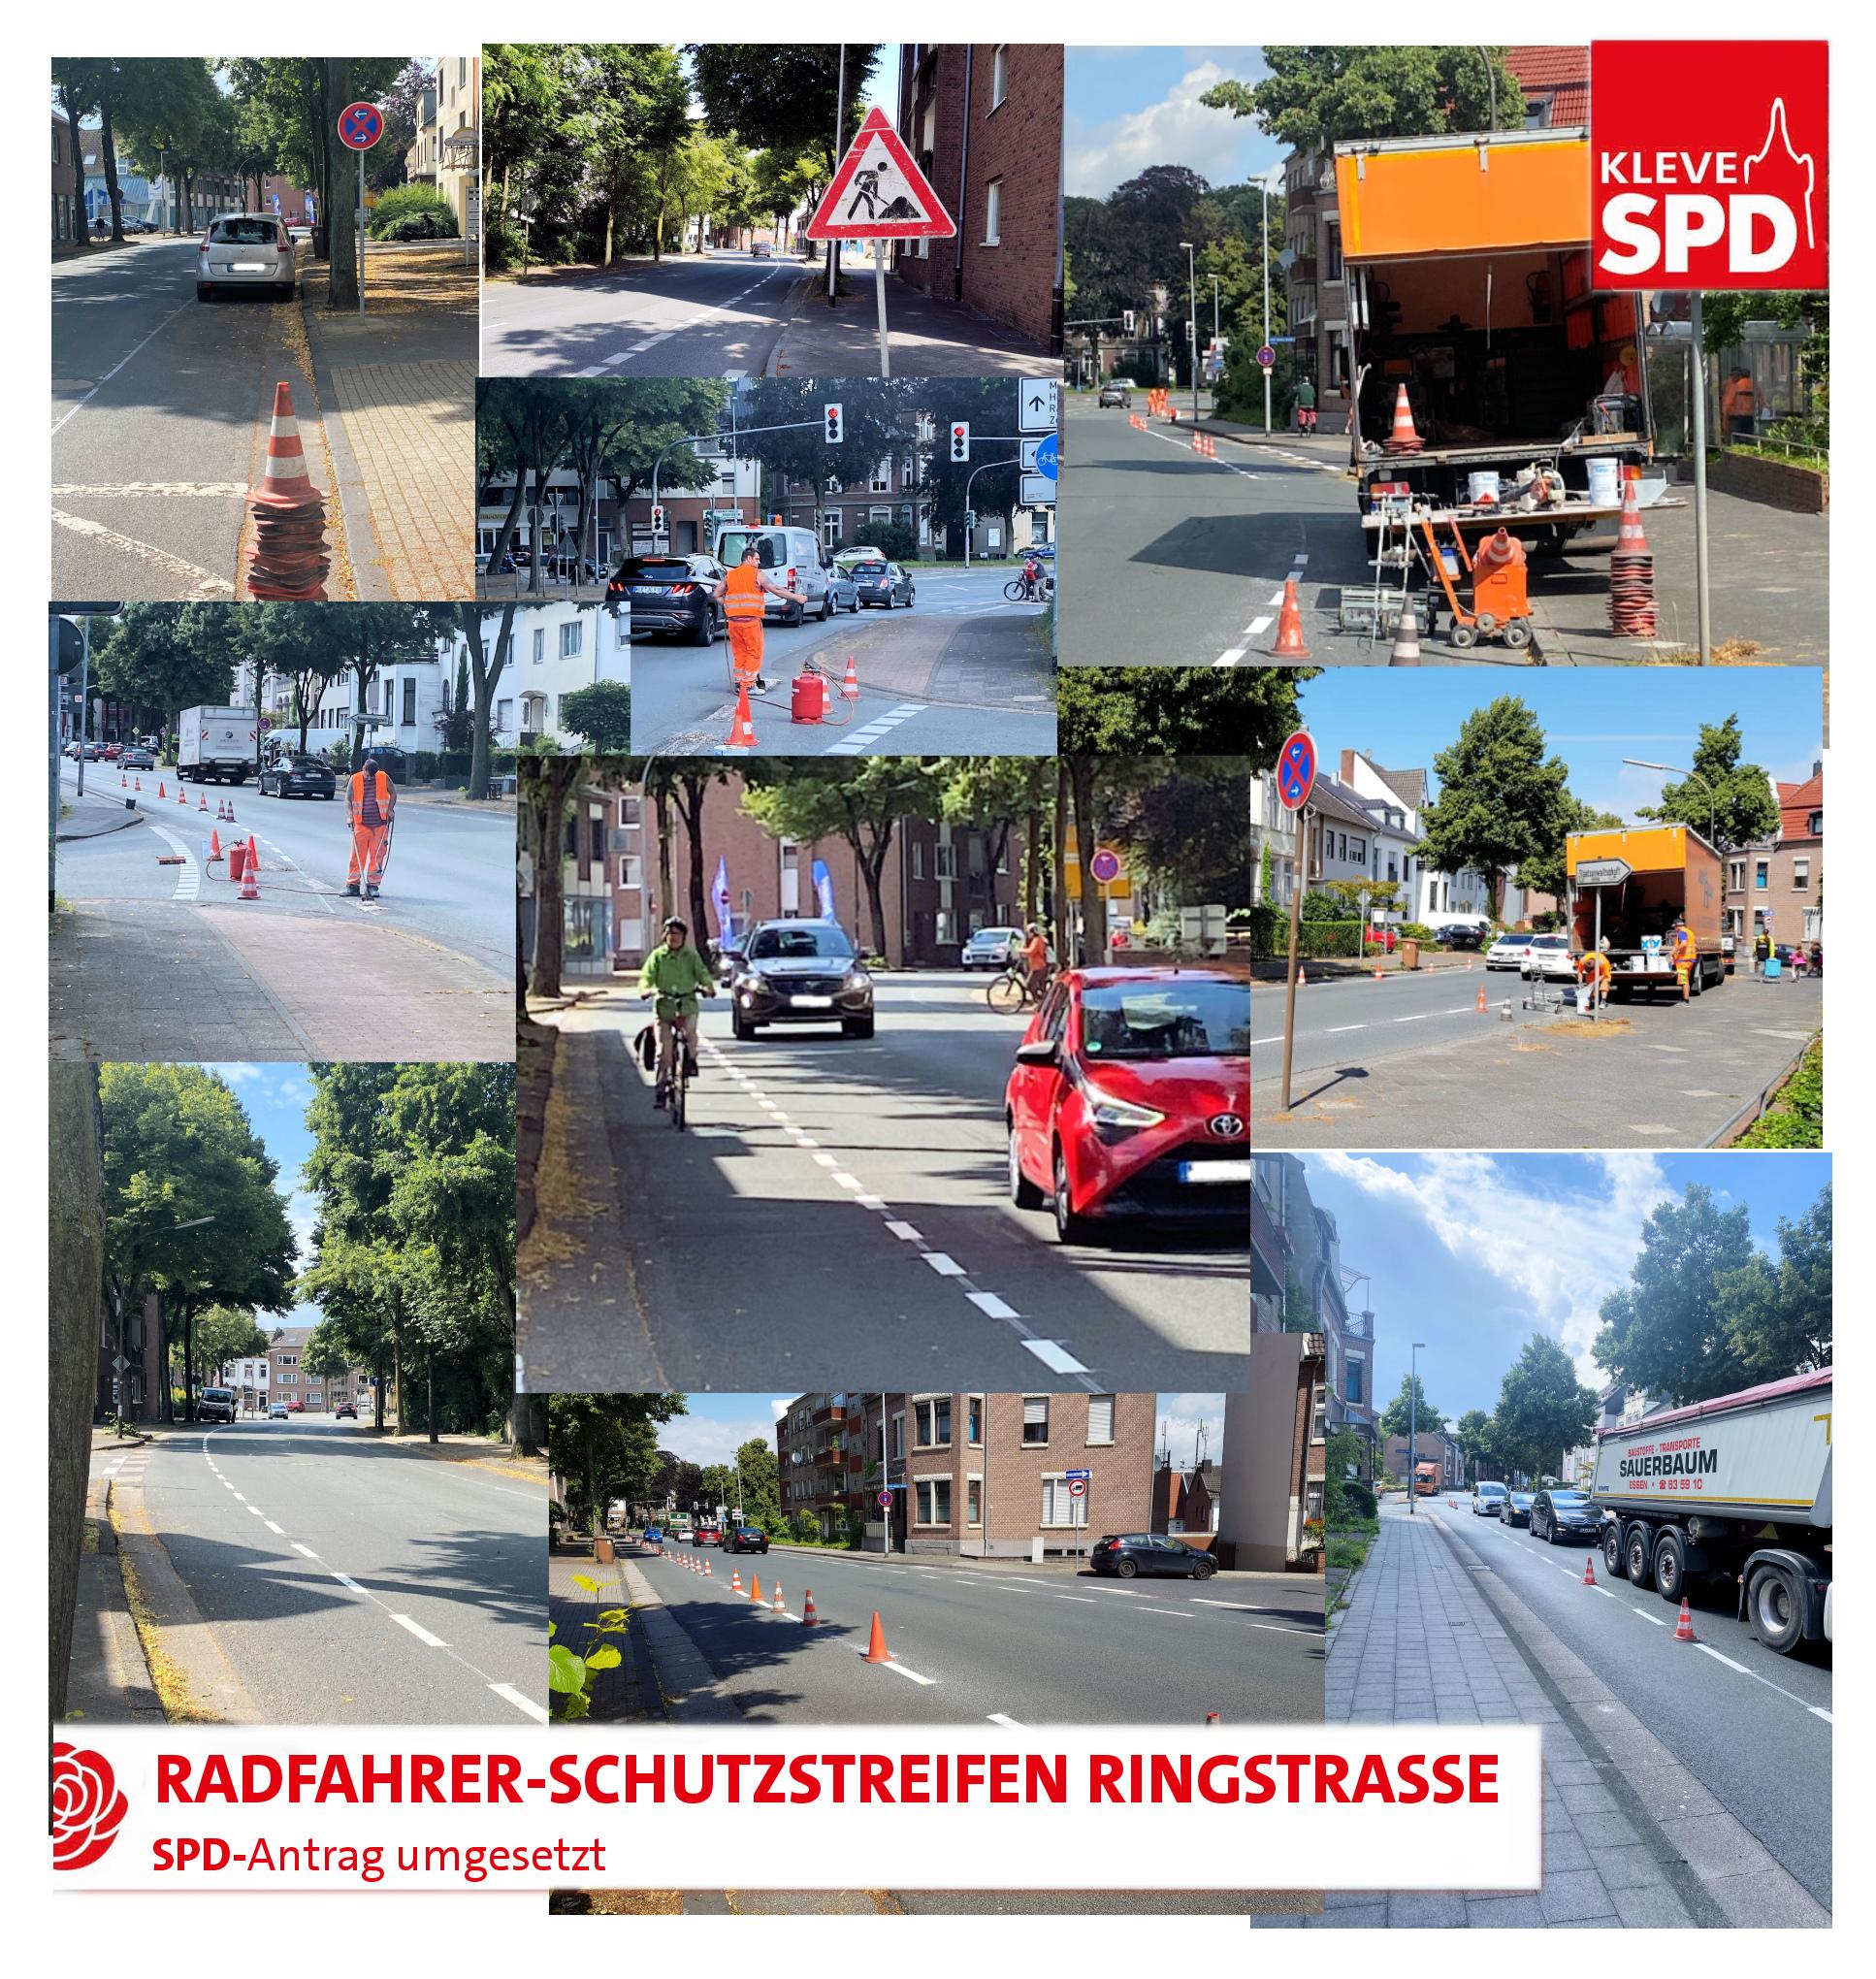 Radfahrer Schutzstreifen an der Ringstraße